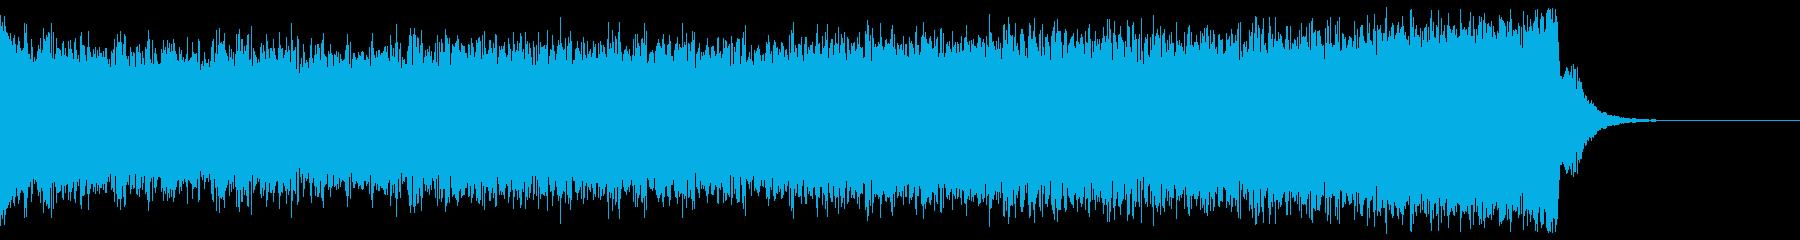 デジタル、CG、SFX等の映像ショート⑭の再生済みの波形